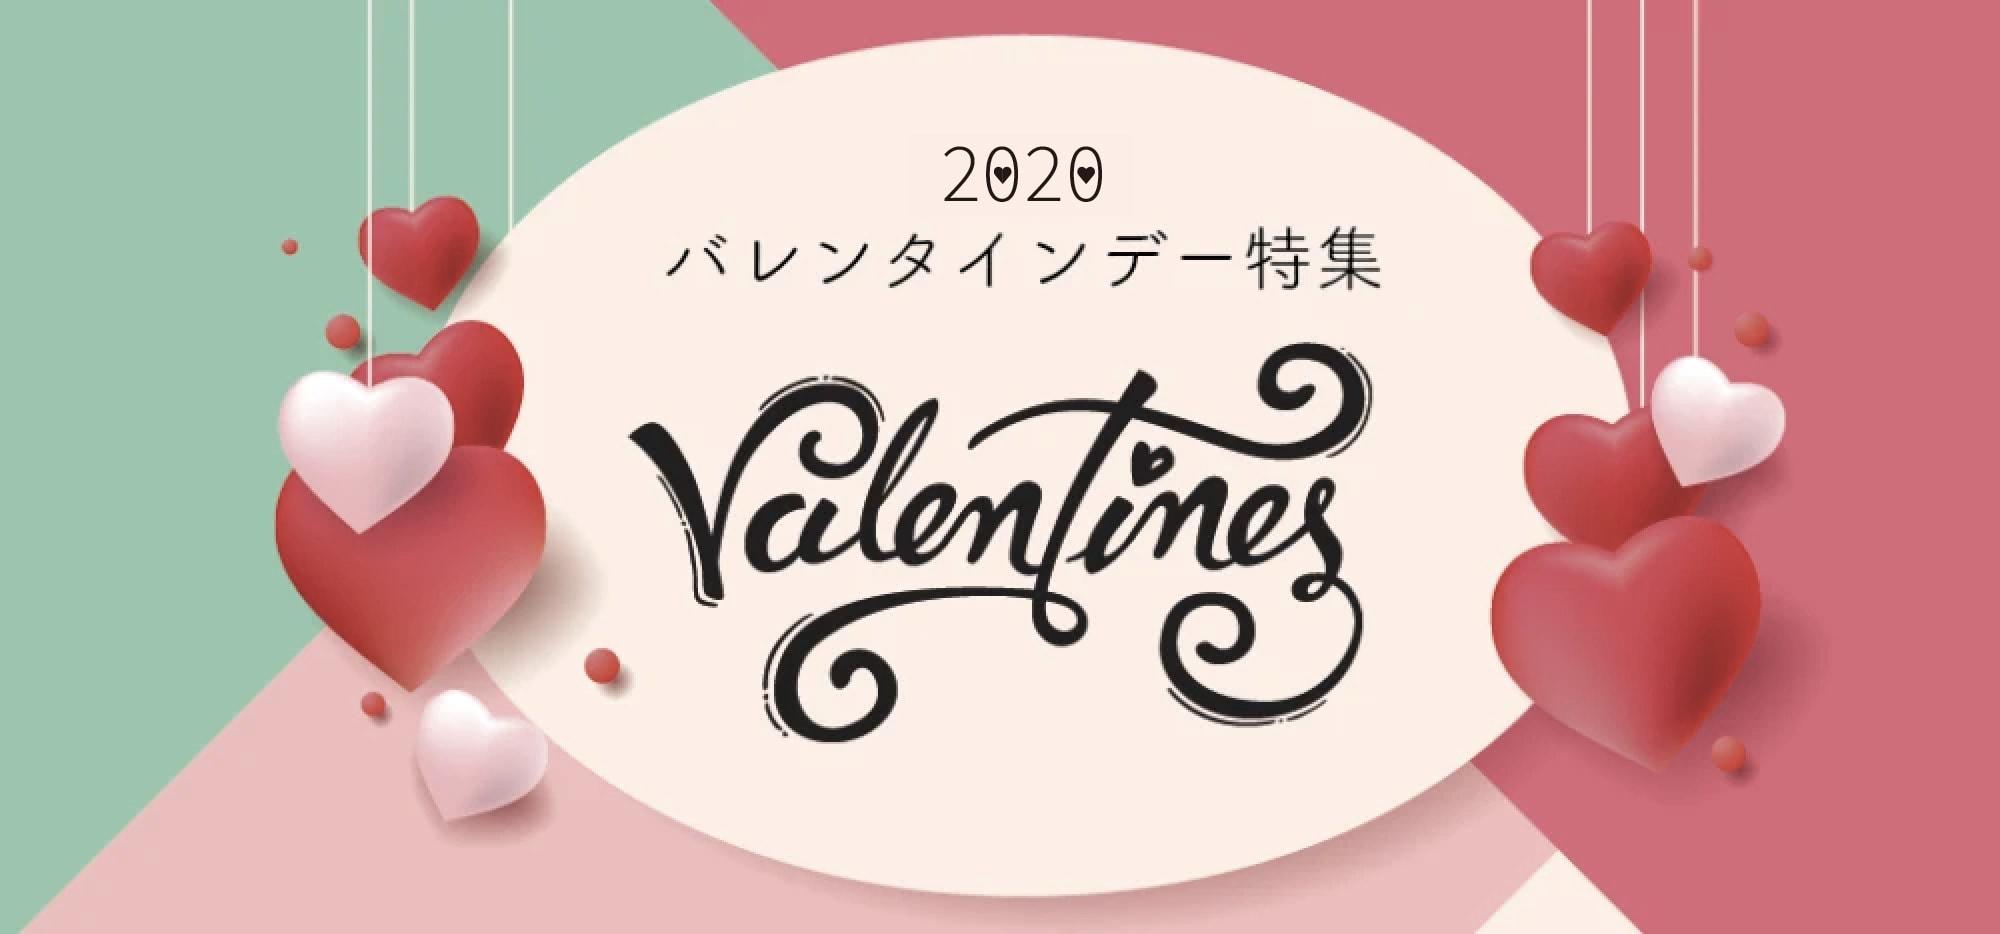 バレンタインギフト特集!